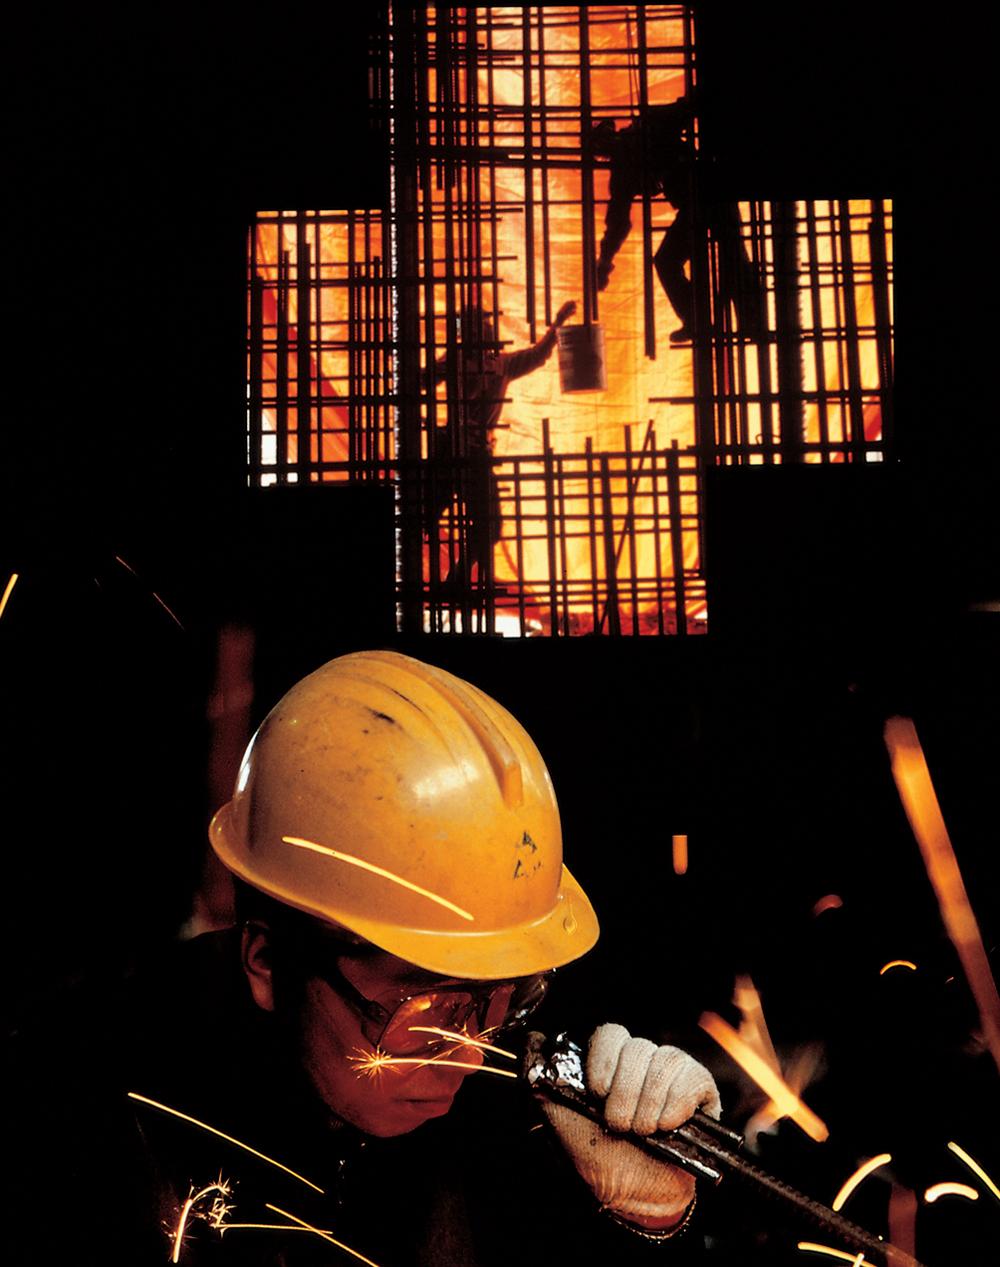 제철소 작업 현장을 보여주는 사진